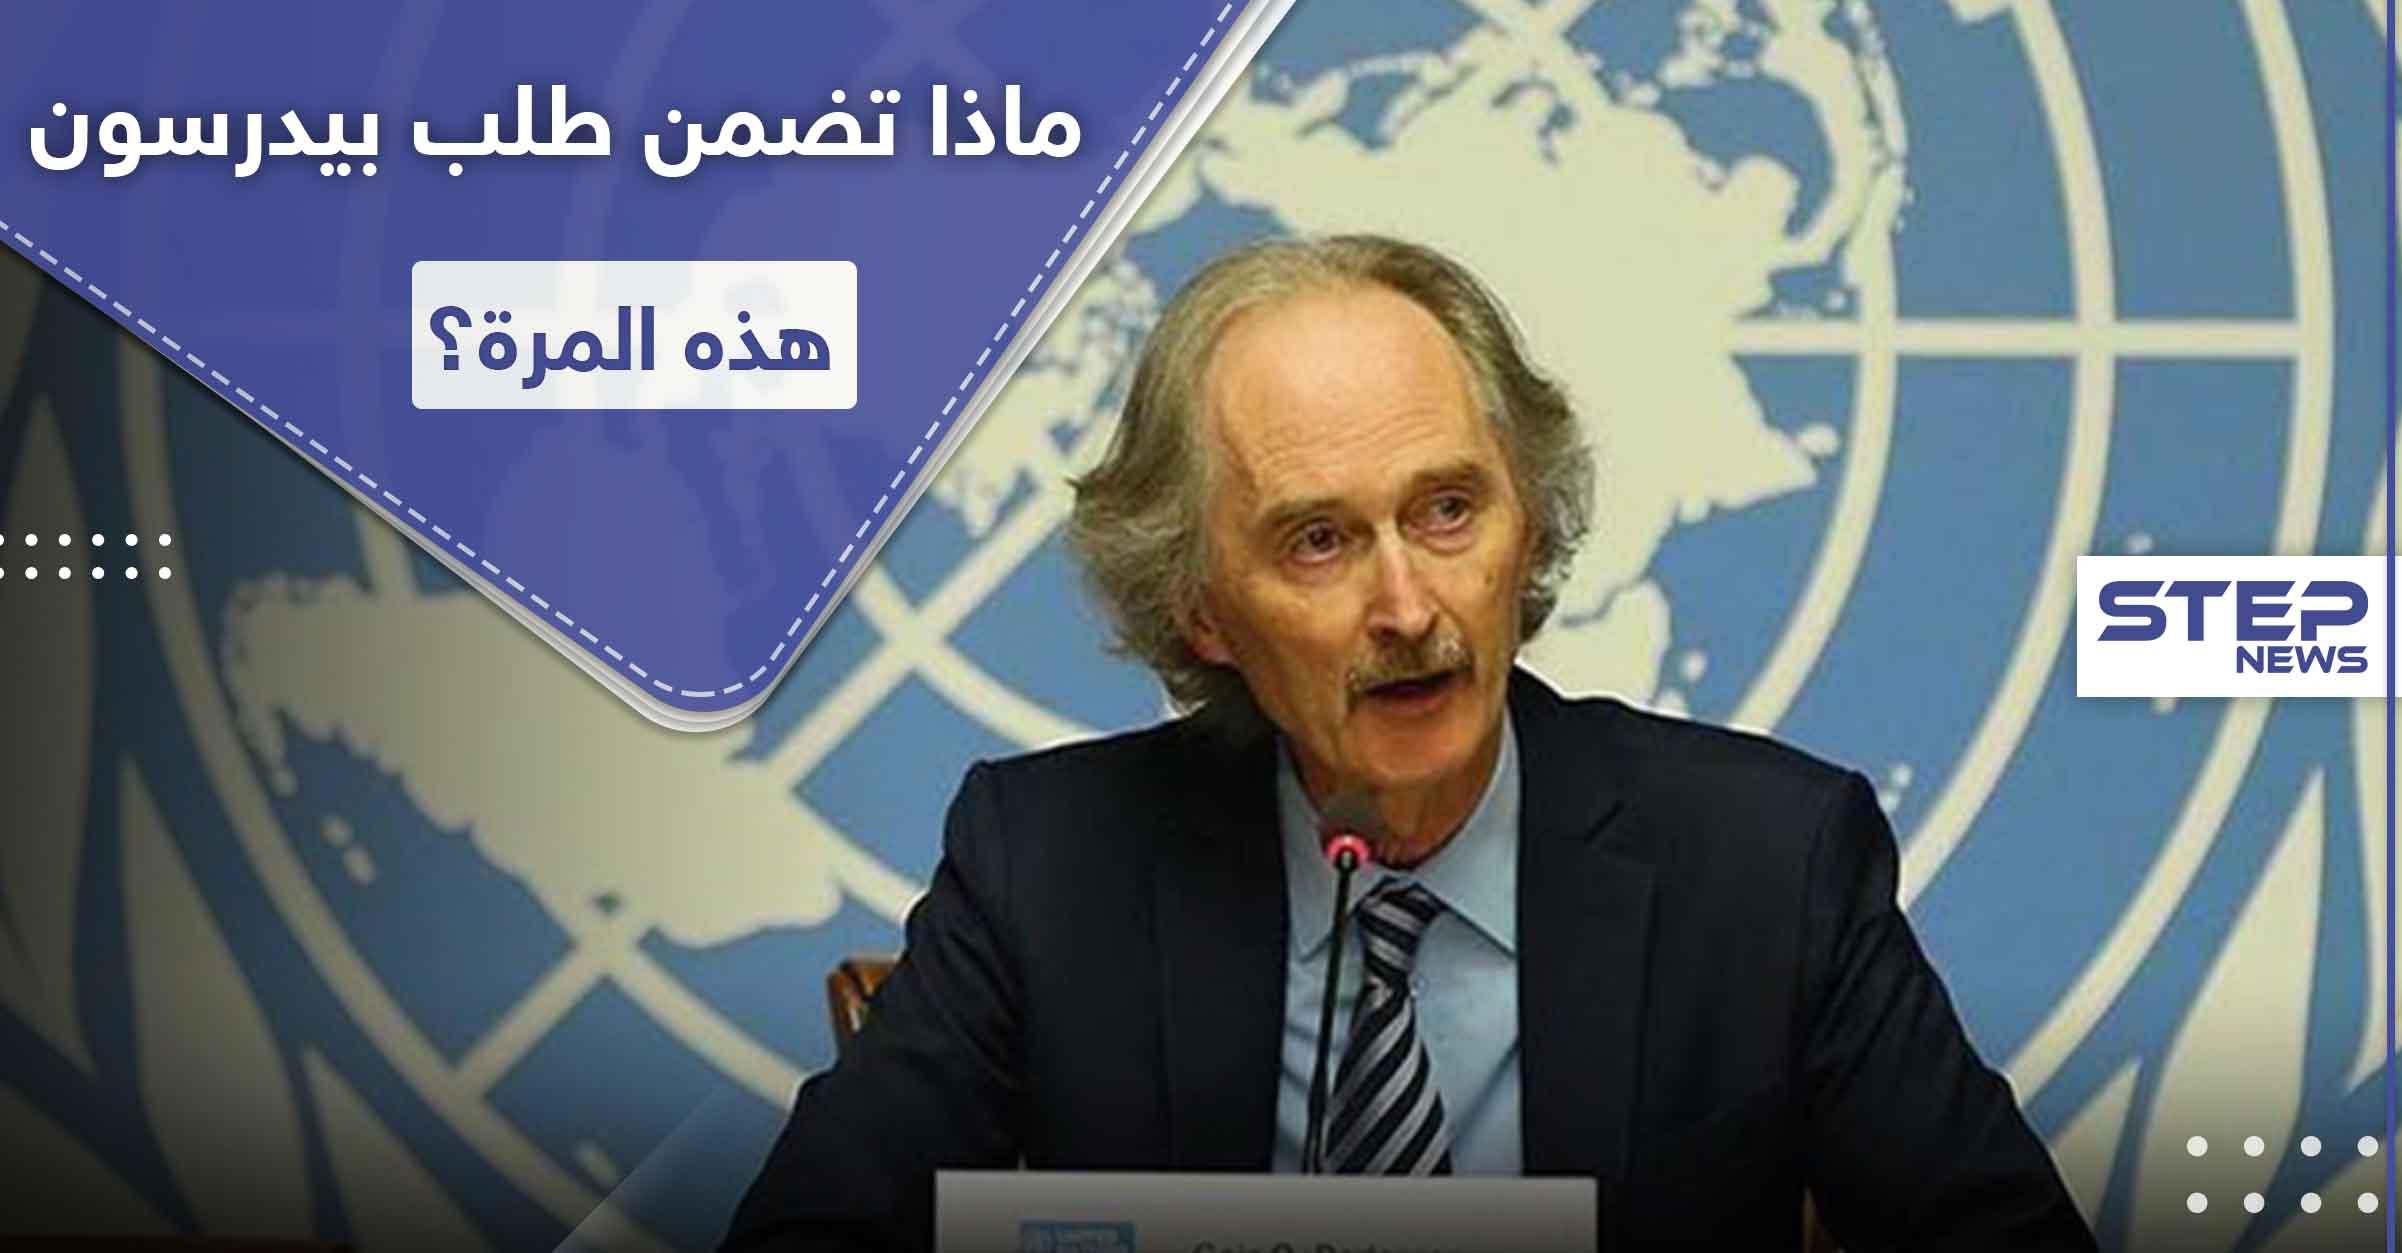 بيدرسون يوجه طلباً إلى النظام السوري والمعارضة خلال جلسة مجلس الأمن.. والبحرة يوضح